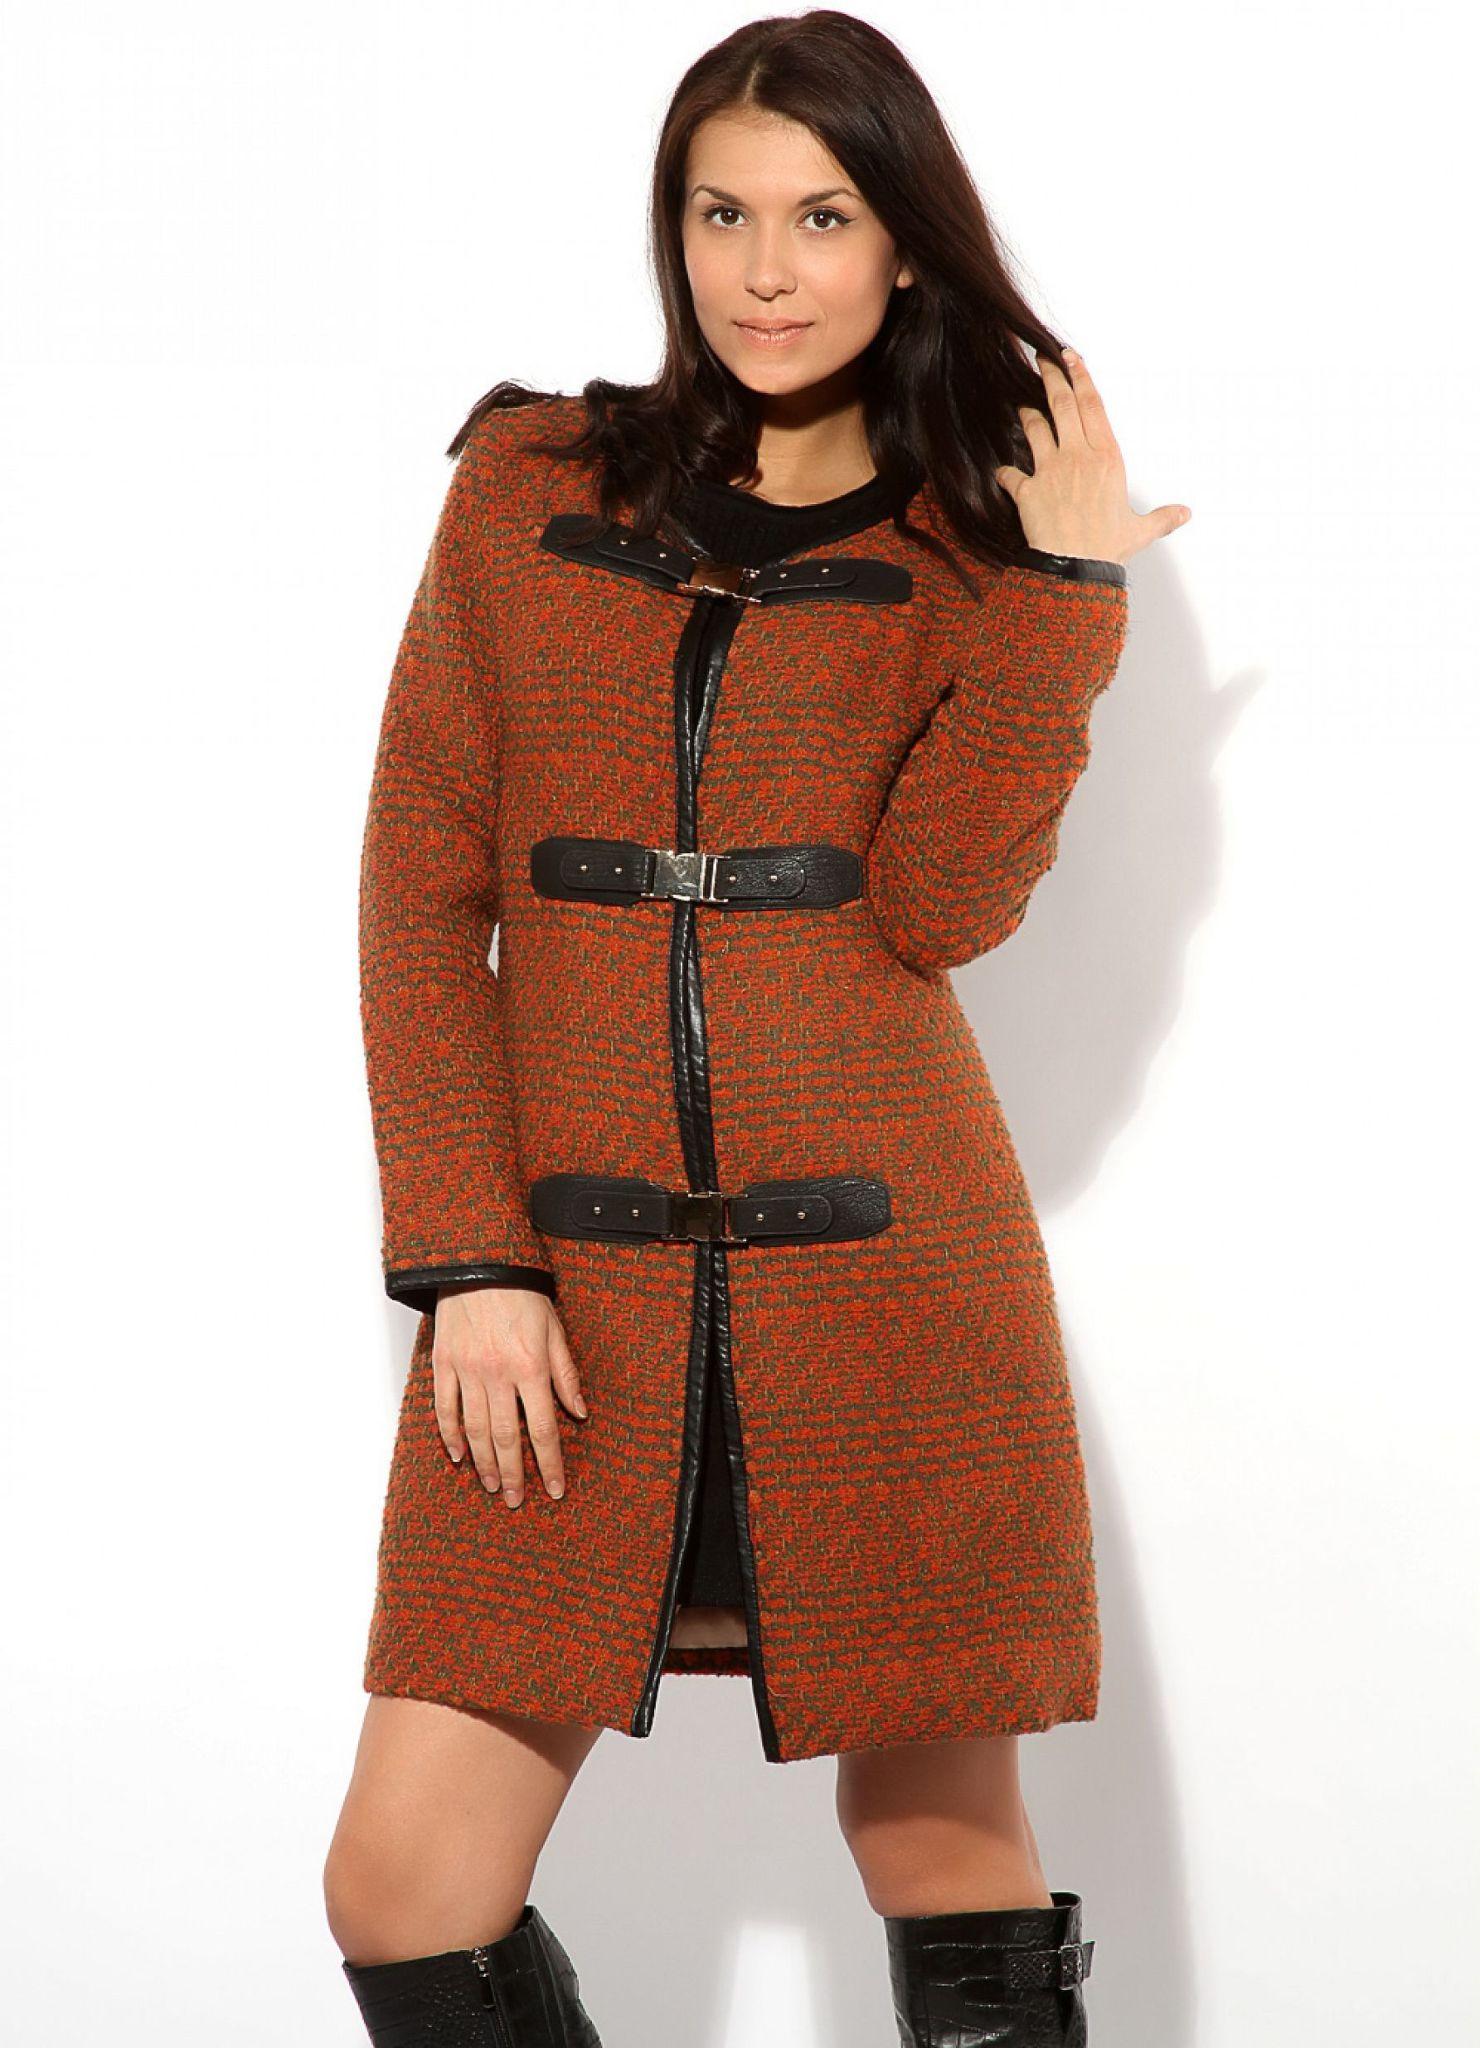 мода весна лето 2018 для женщин 30 лет: пальто оранжевое